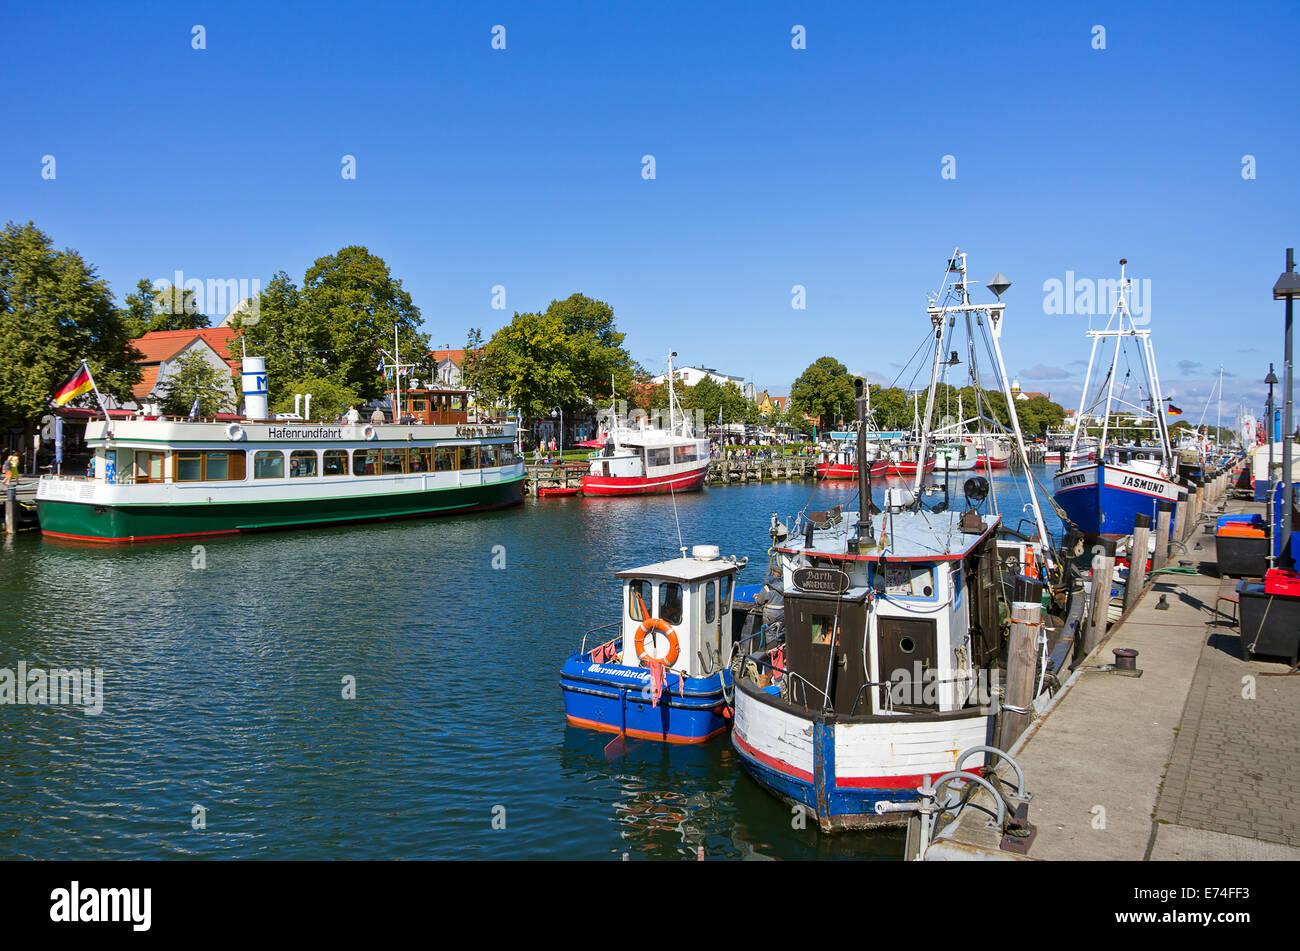 Am alten strom kanal in rostock warnem nde deutschland for Urlaub ostsee warnemunde